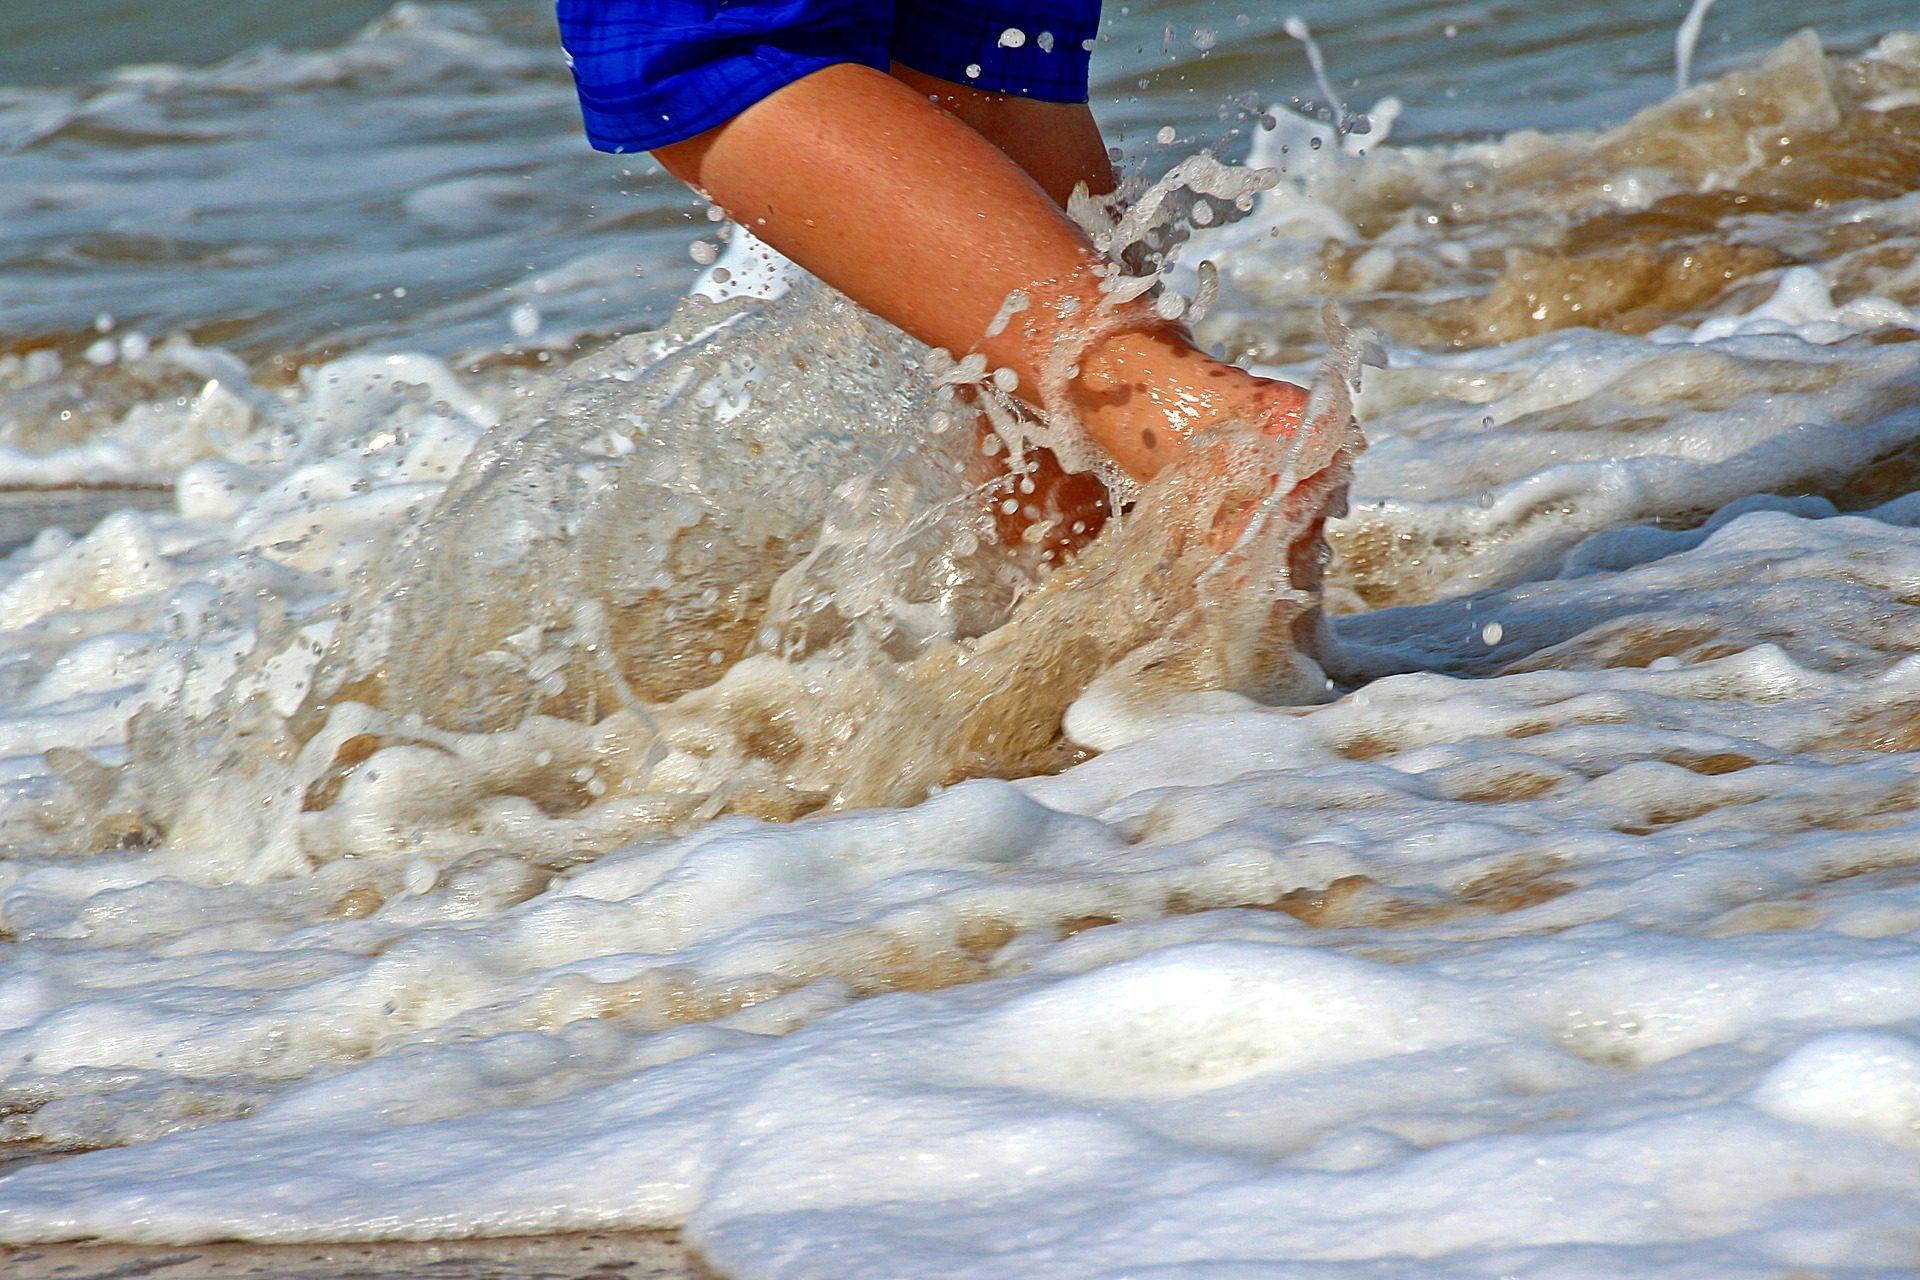 νερό, κύματα, Ακτή, Παραλία, πόδια, αφρώδες υλικό - Wallpapers HD - Professor-falken.com